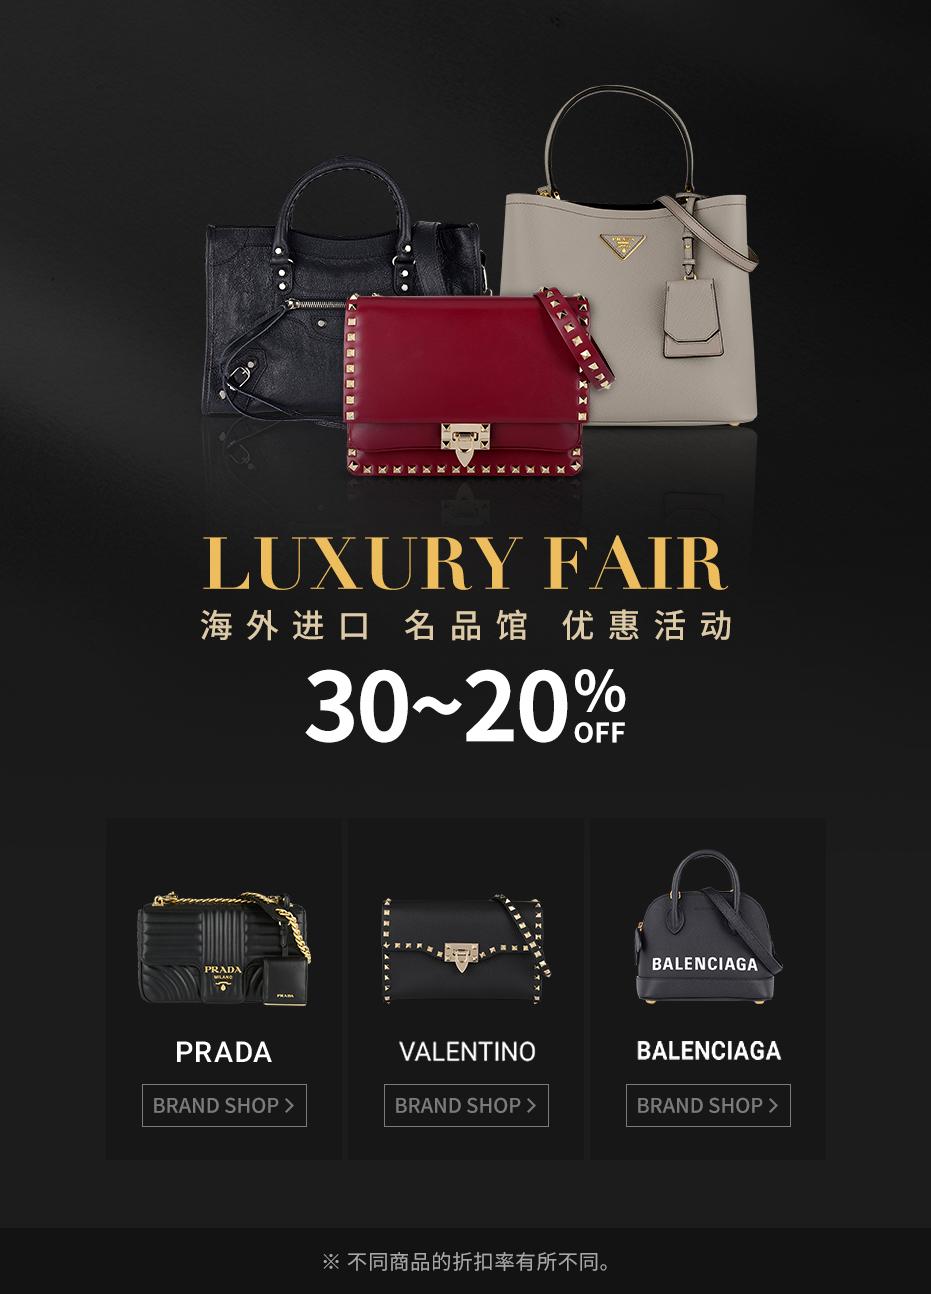 LuxuryFair